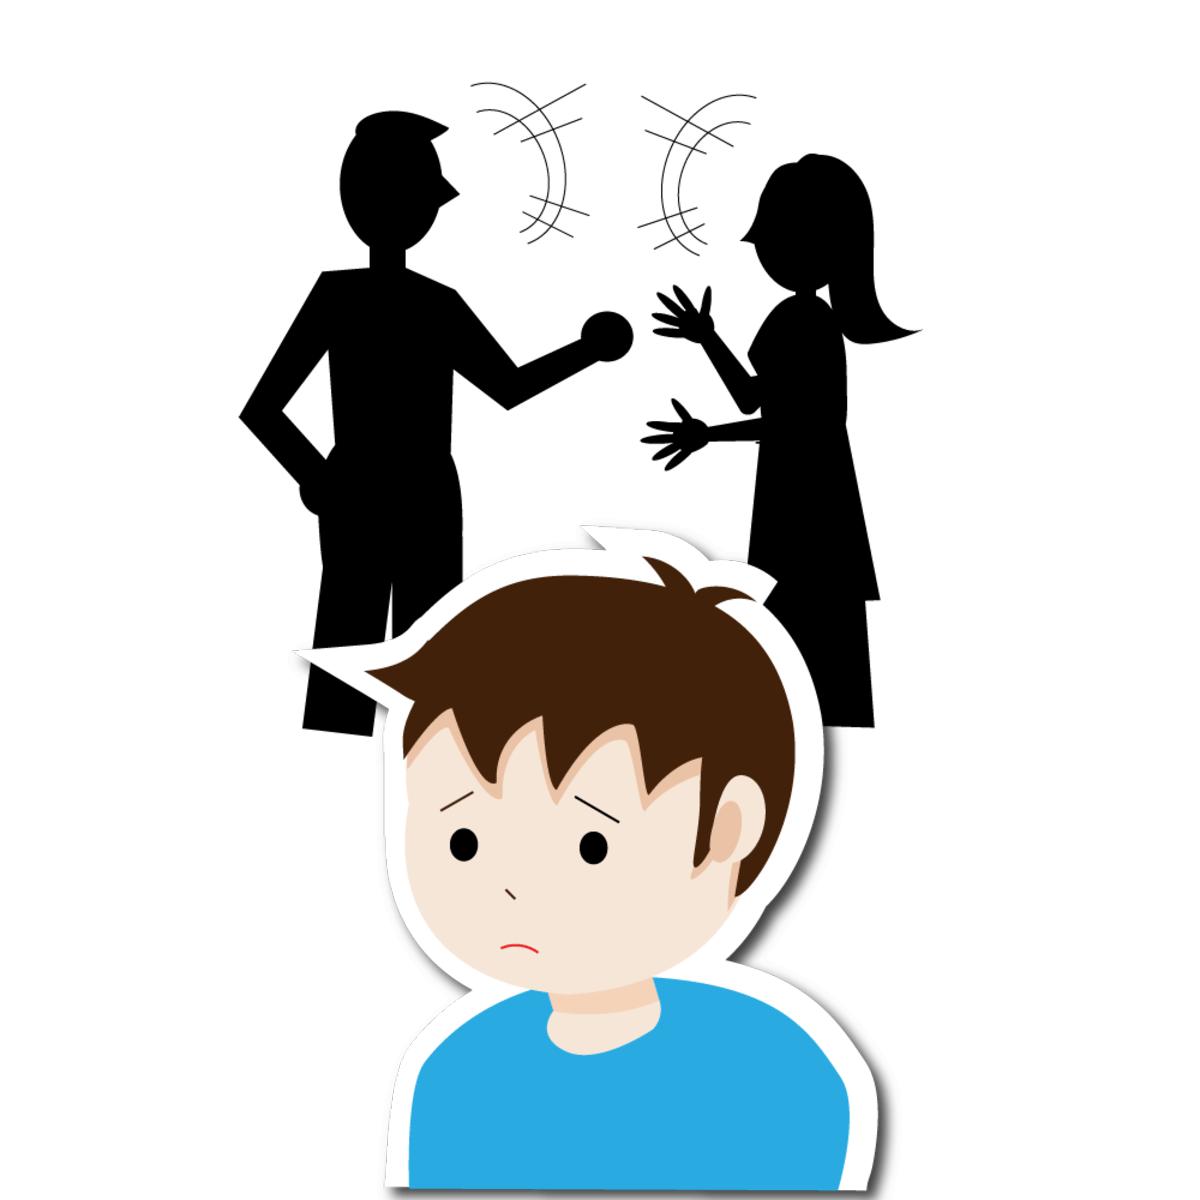 機能不全家族チェックは、自分は機能不全家族で育ったアダルトチルドレンなのか?をチェックするリストであることを表わすイメージ